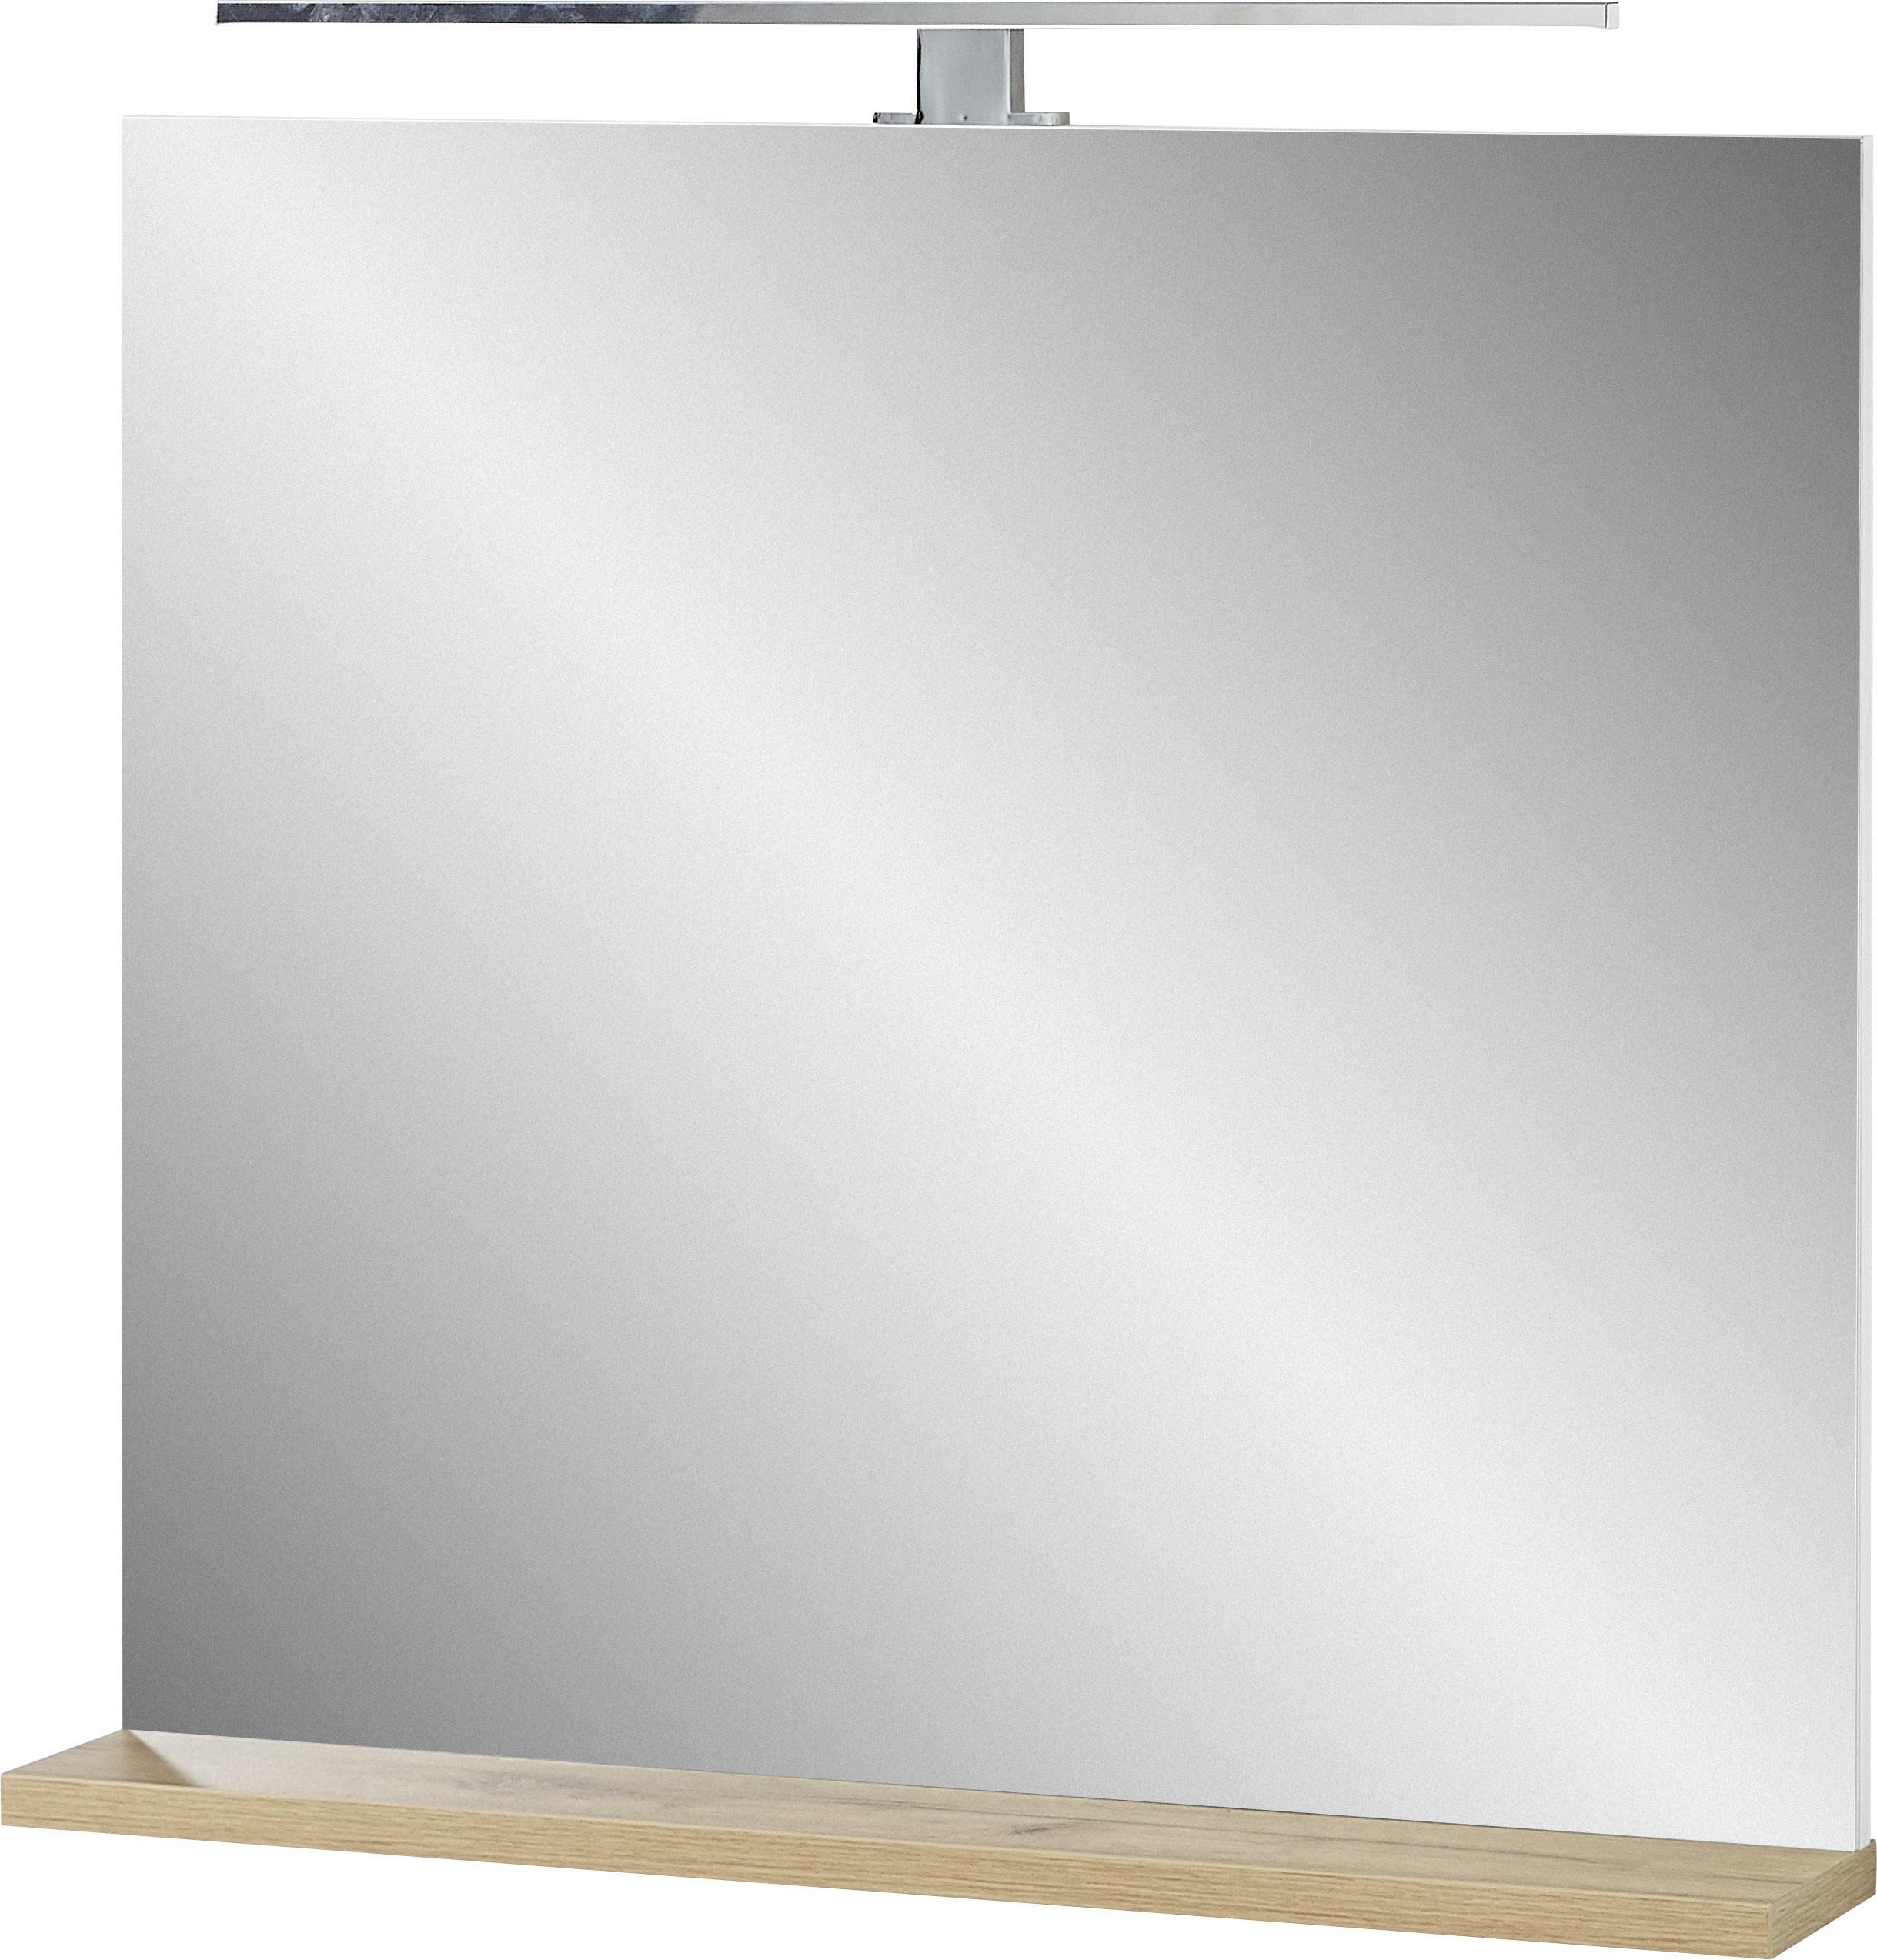 Miroir de salle de bain scandinave Tropica